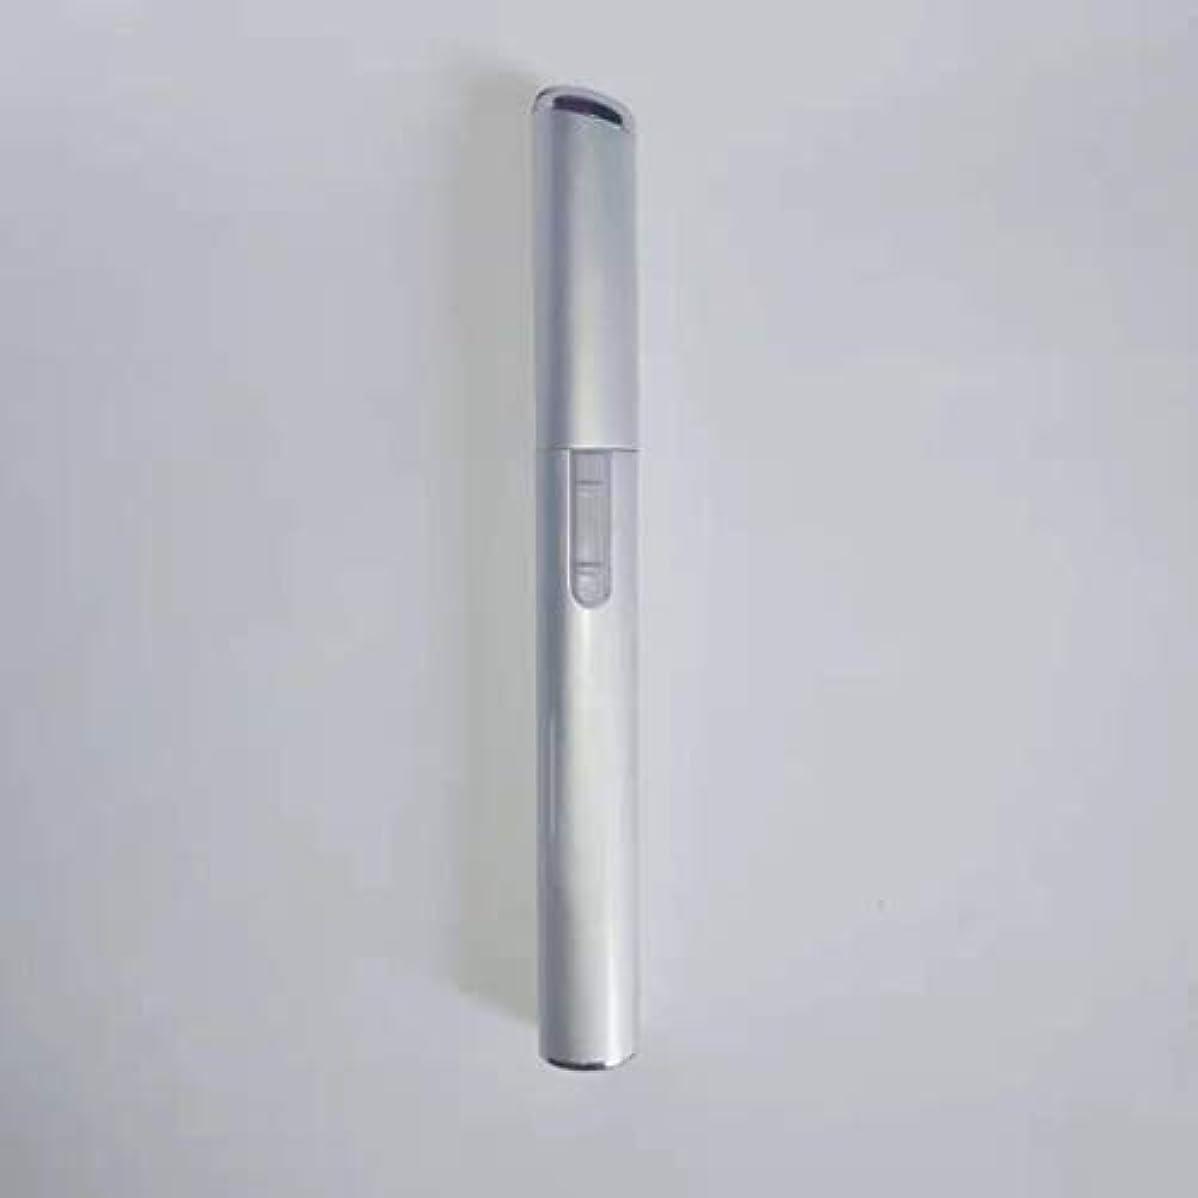 然とした論理護衛Hello 電動眉ナイフ男性と女性の自動スクレーピング眉眉トリマーシェーバー (Color : Silver, Size : A)